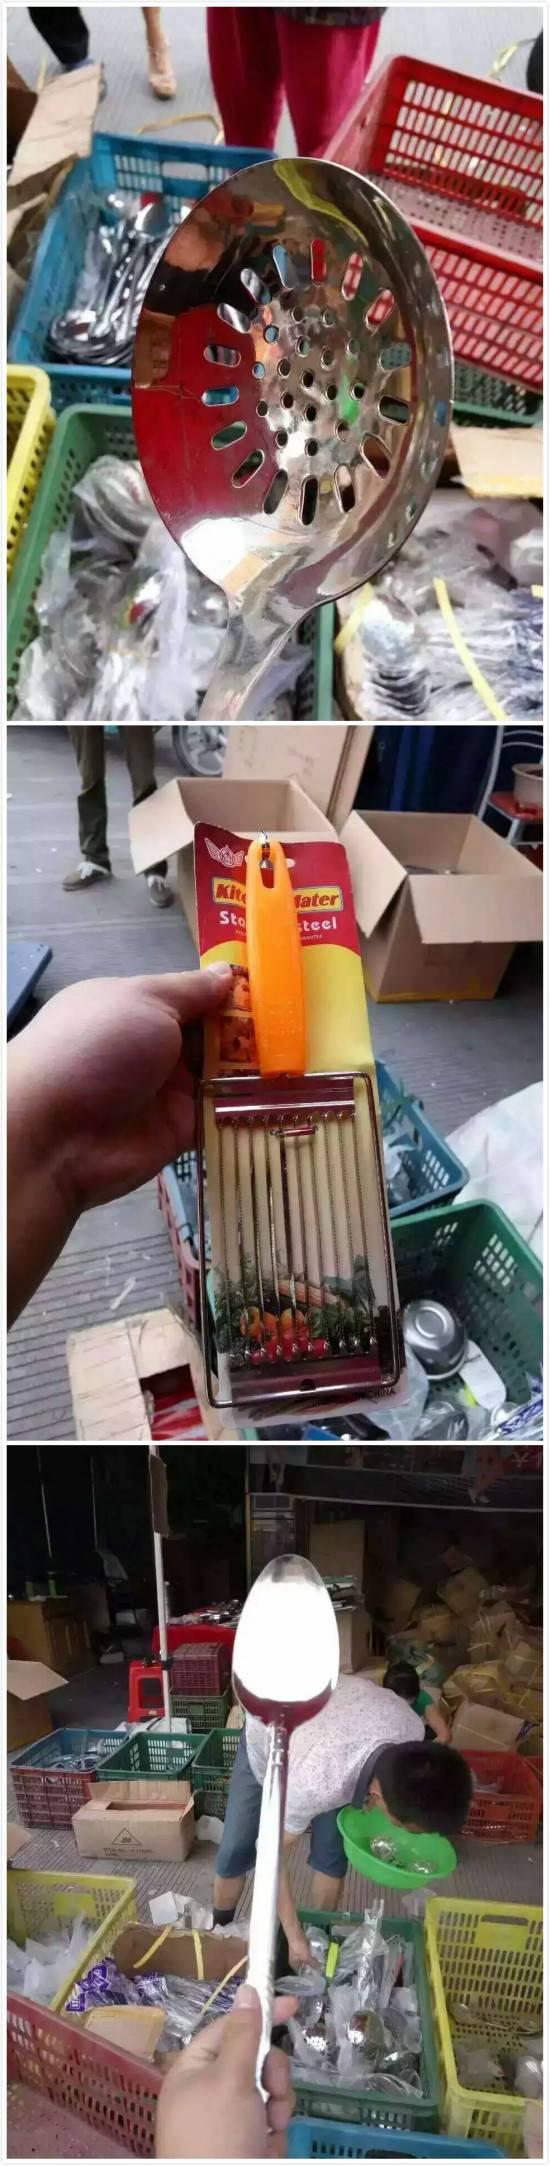 跑江湖地摊1元一样模式不绣钢厨房餐具套装价格